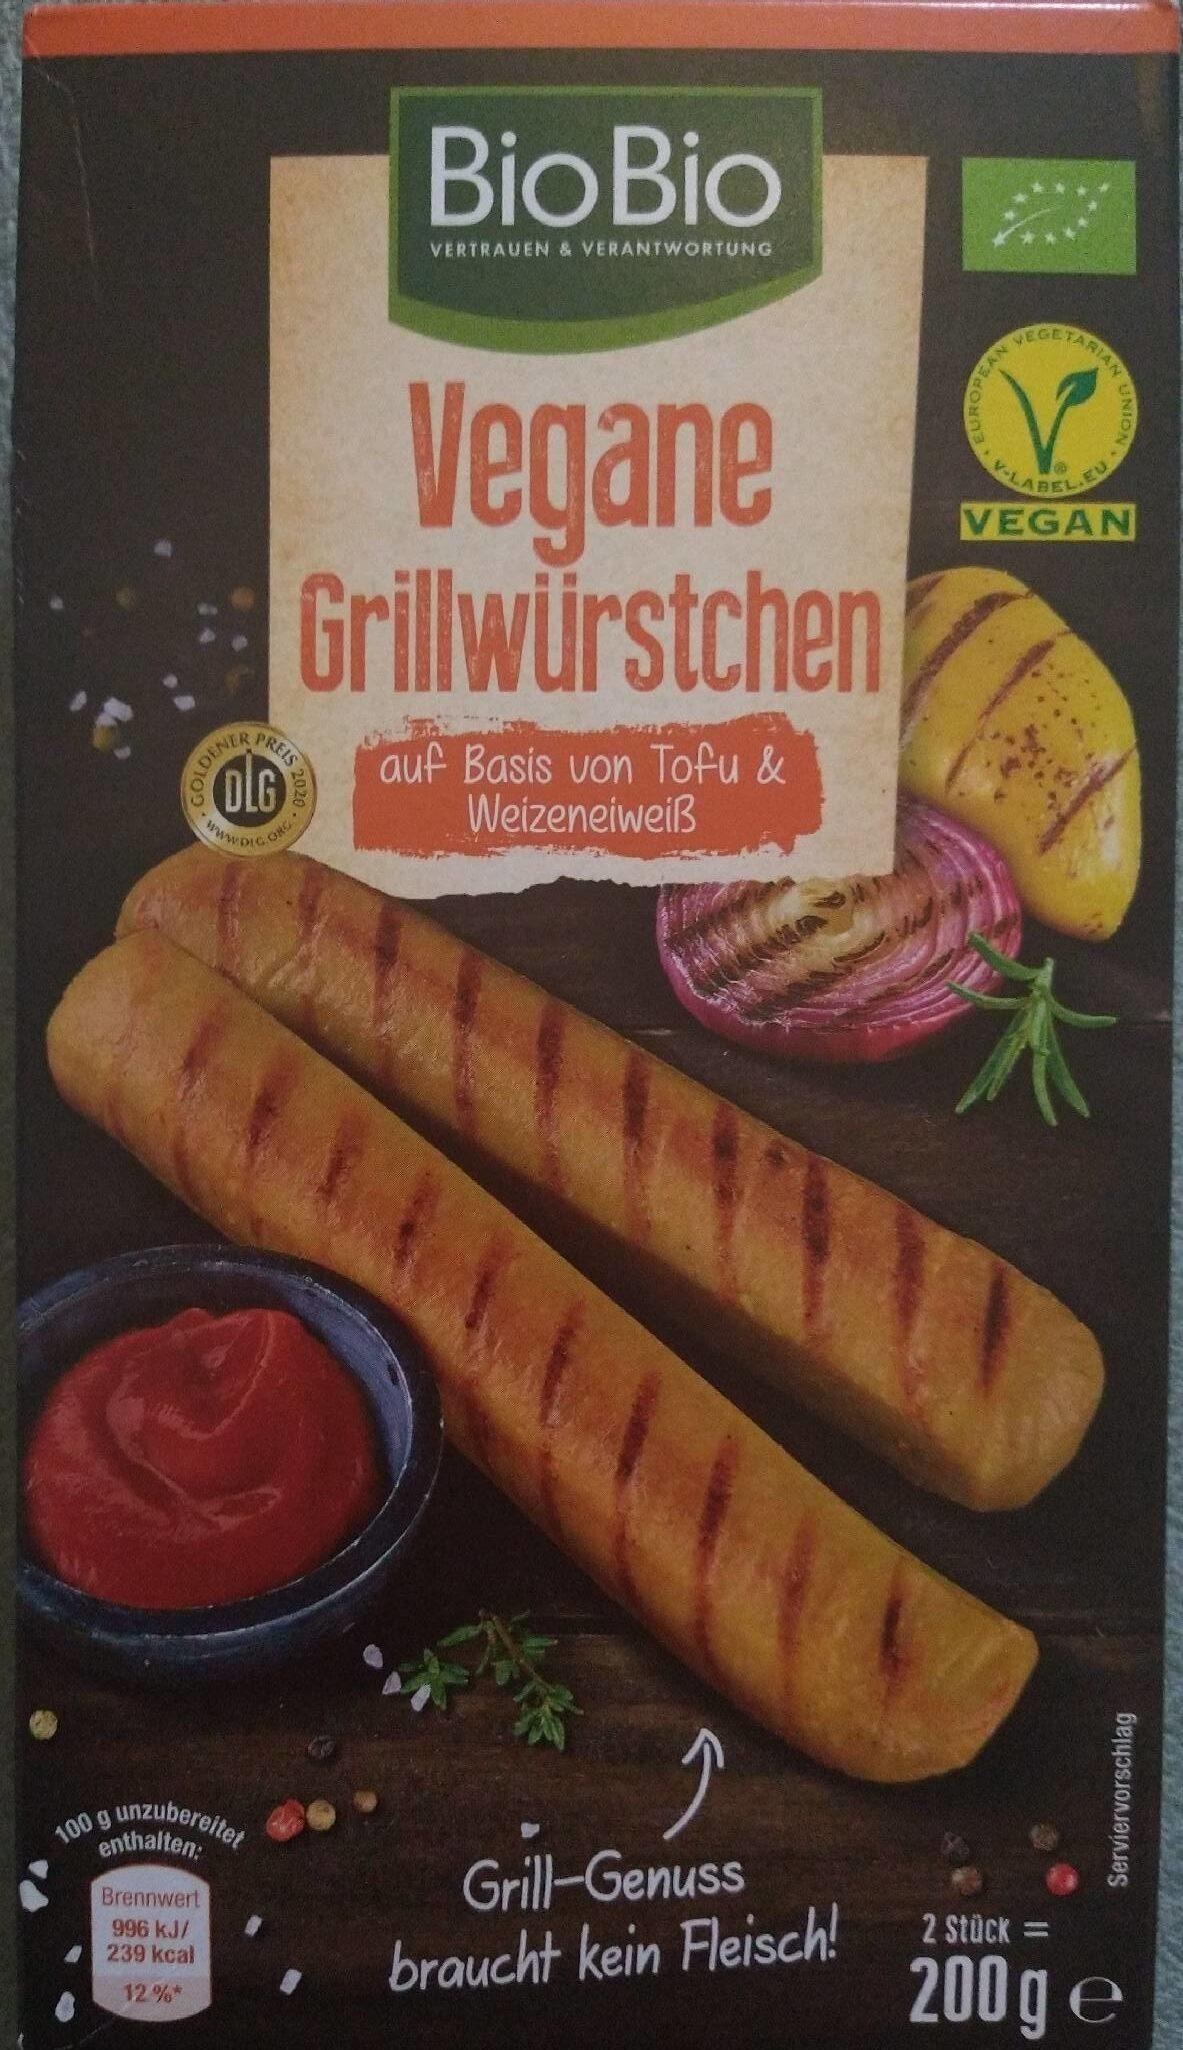 Vegane Grillwürstchen - Produit - de